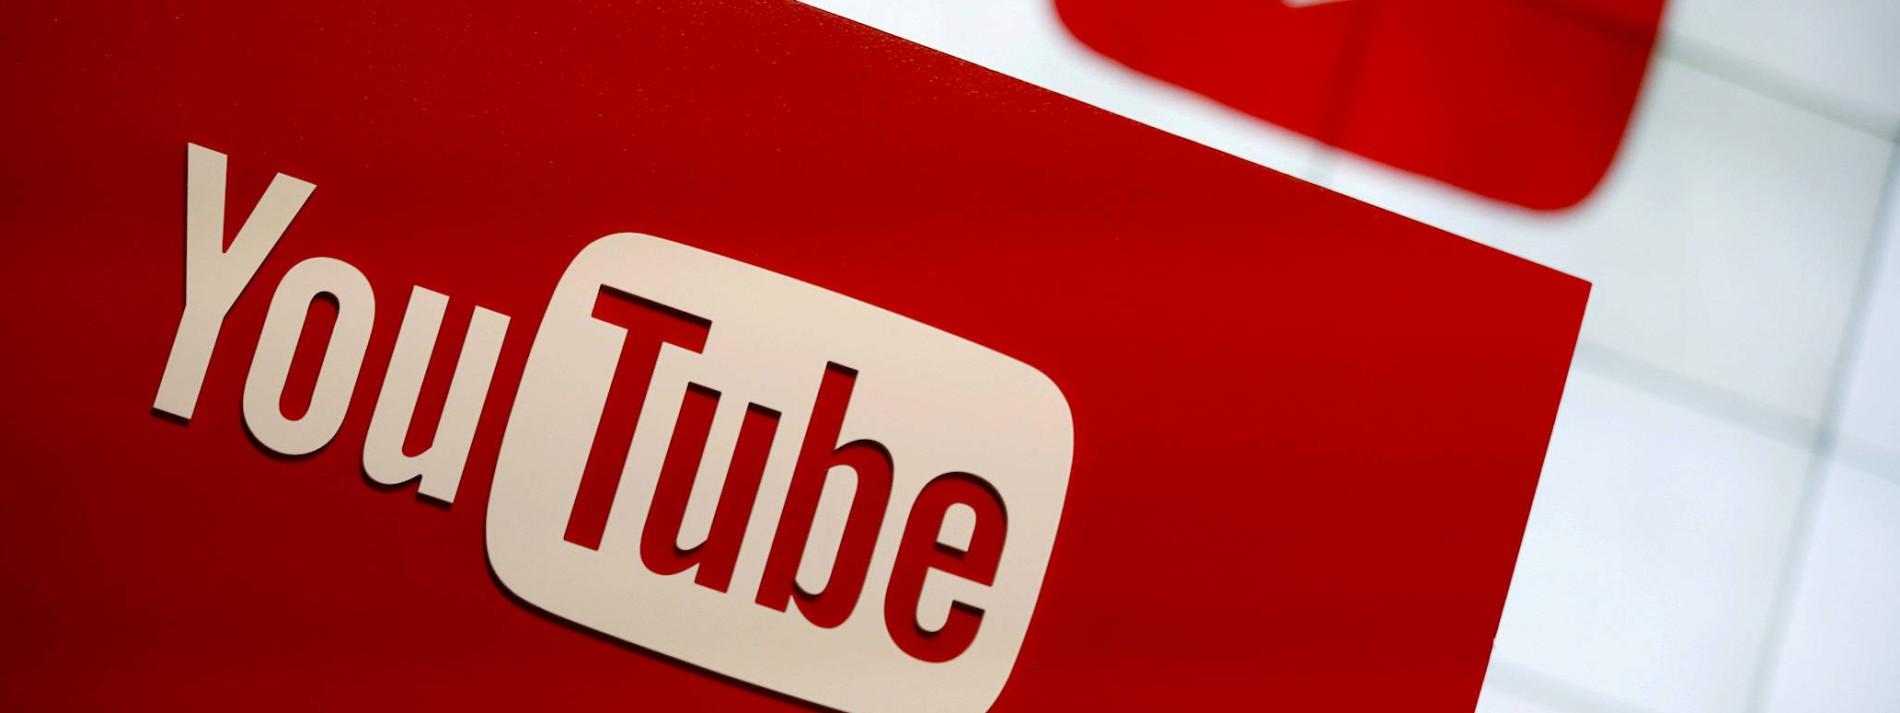 Klimawandel-Leugner dürfen auf Youtube kein Geld mehr verdienen